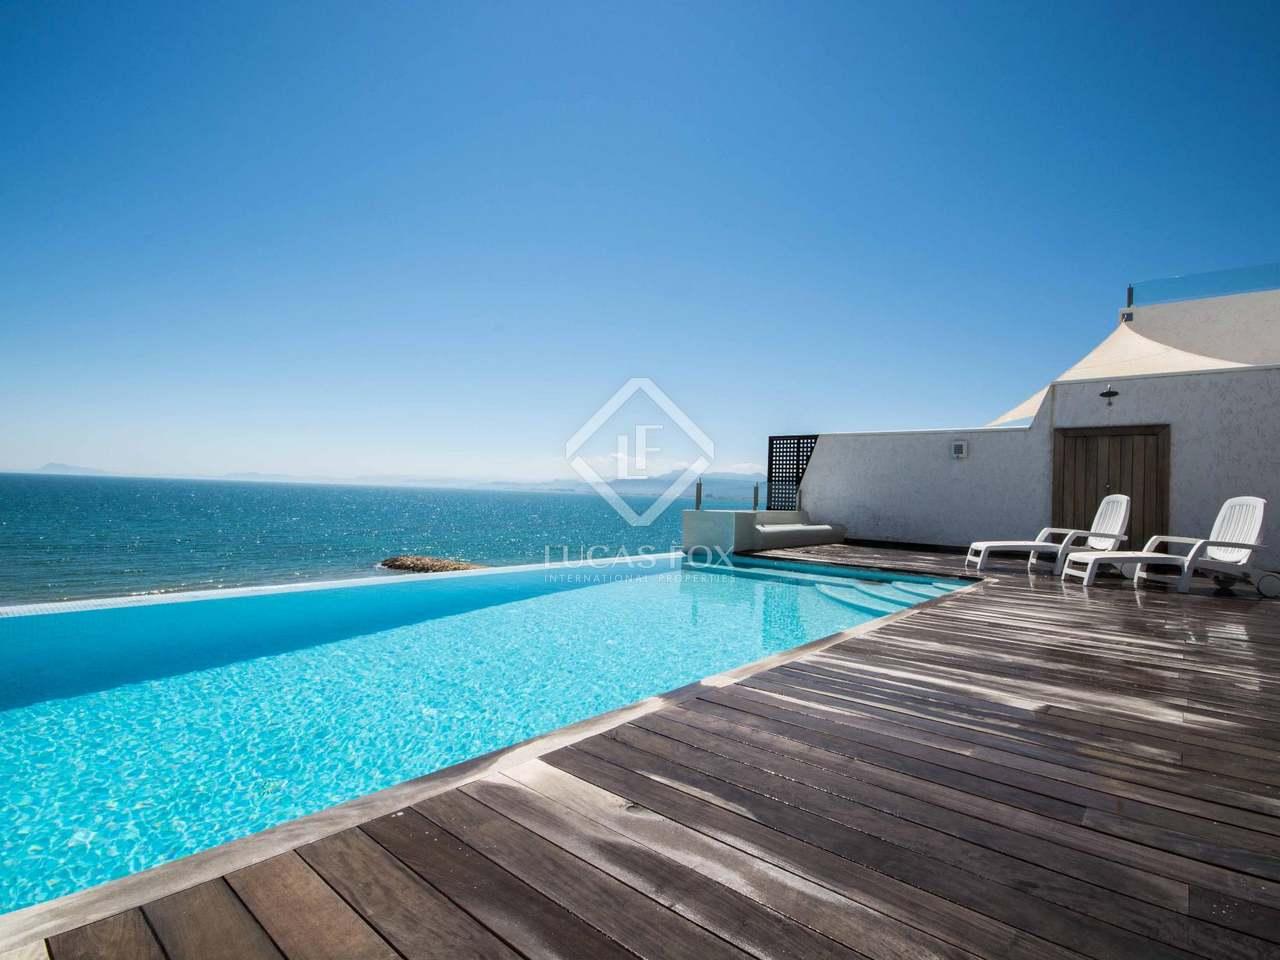 First line villa for sale in cullera near valencia city - Piscine valencia espagne ...